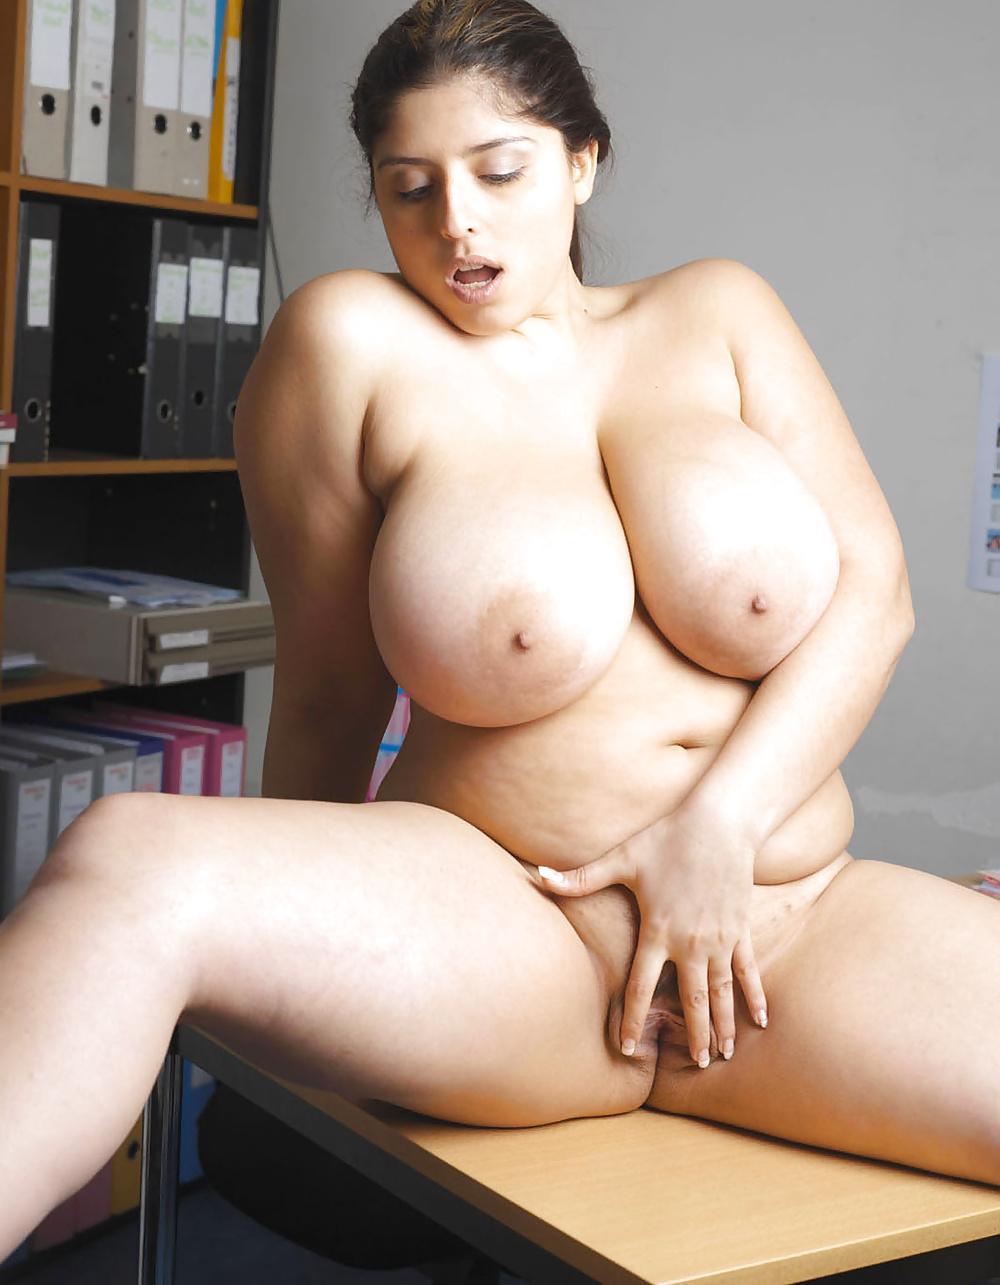 Big boobs sexy kushboo latest photos — img 3